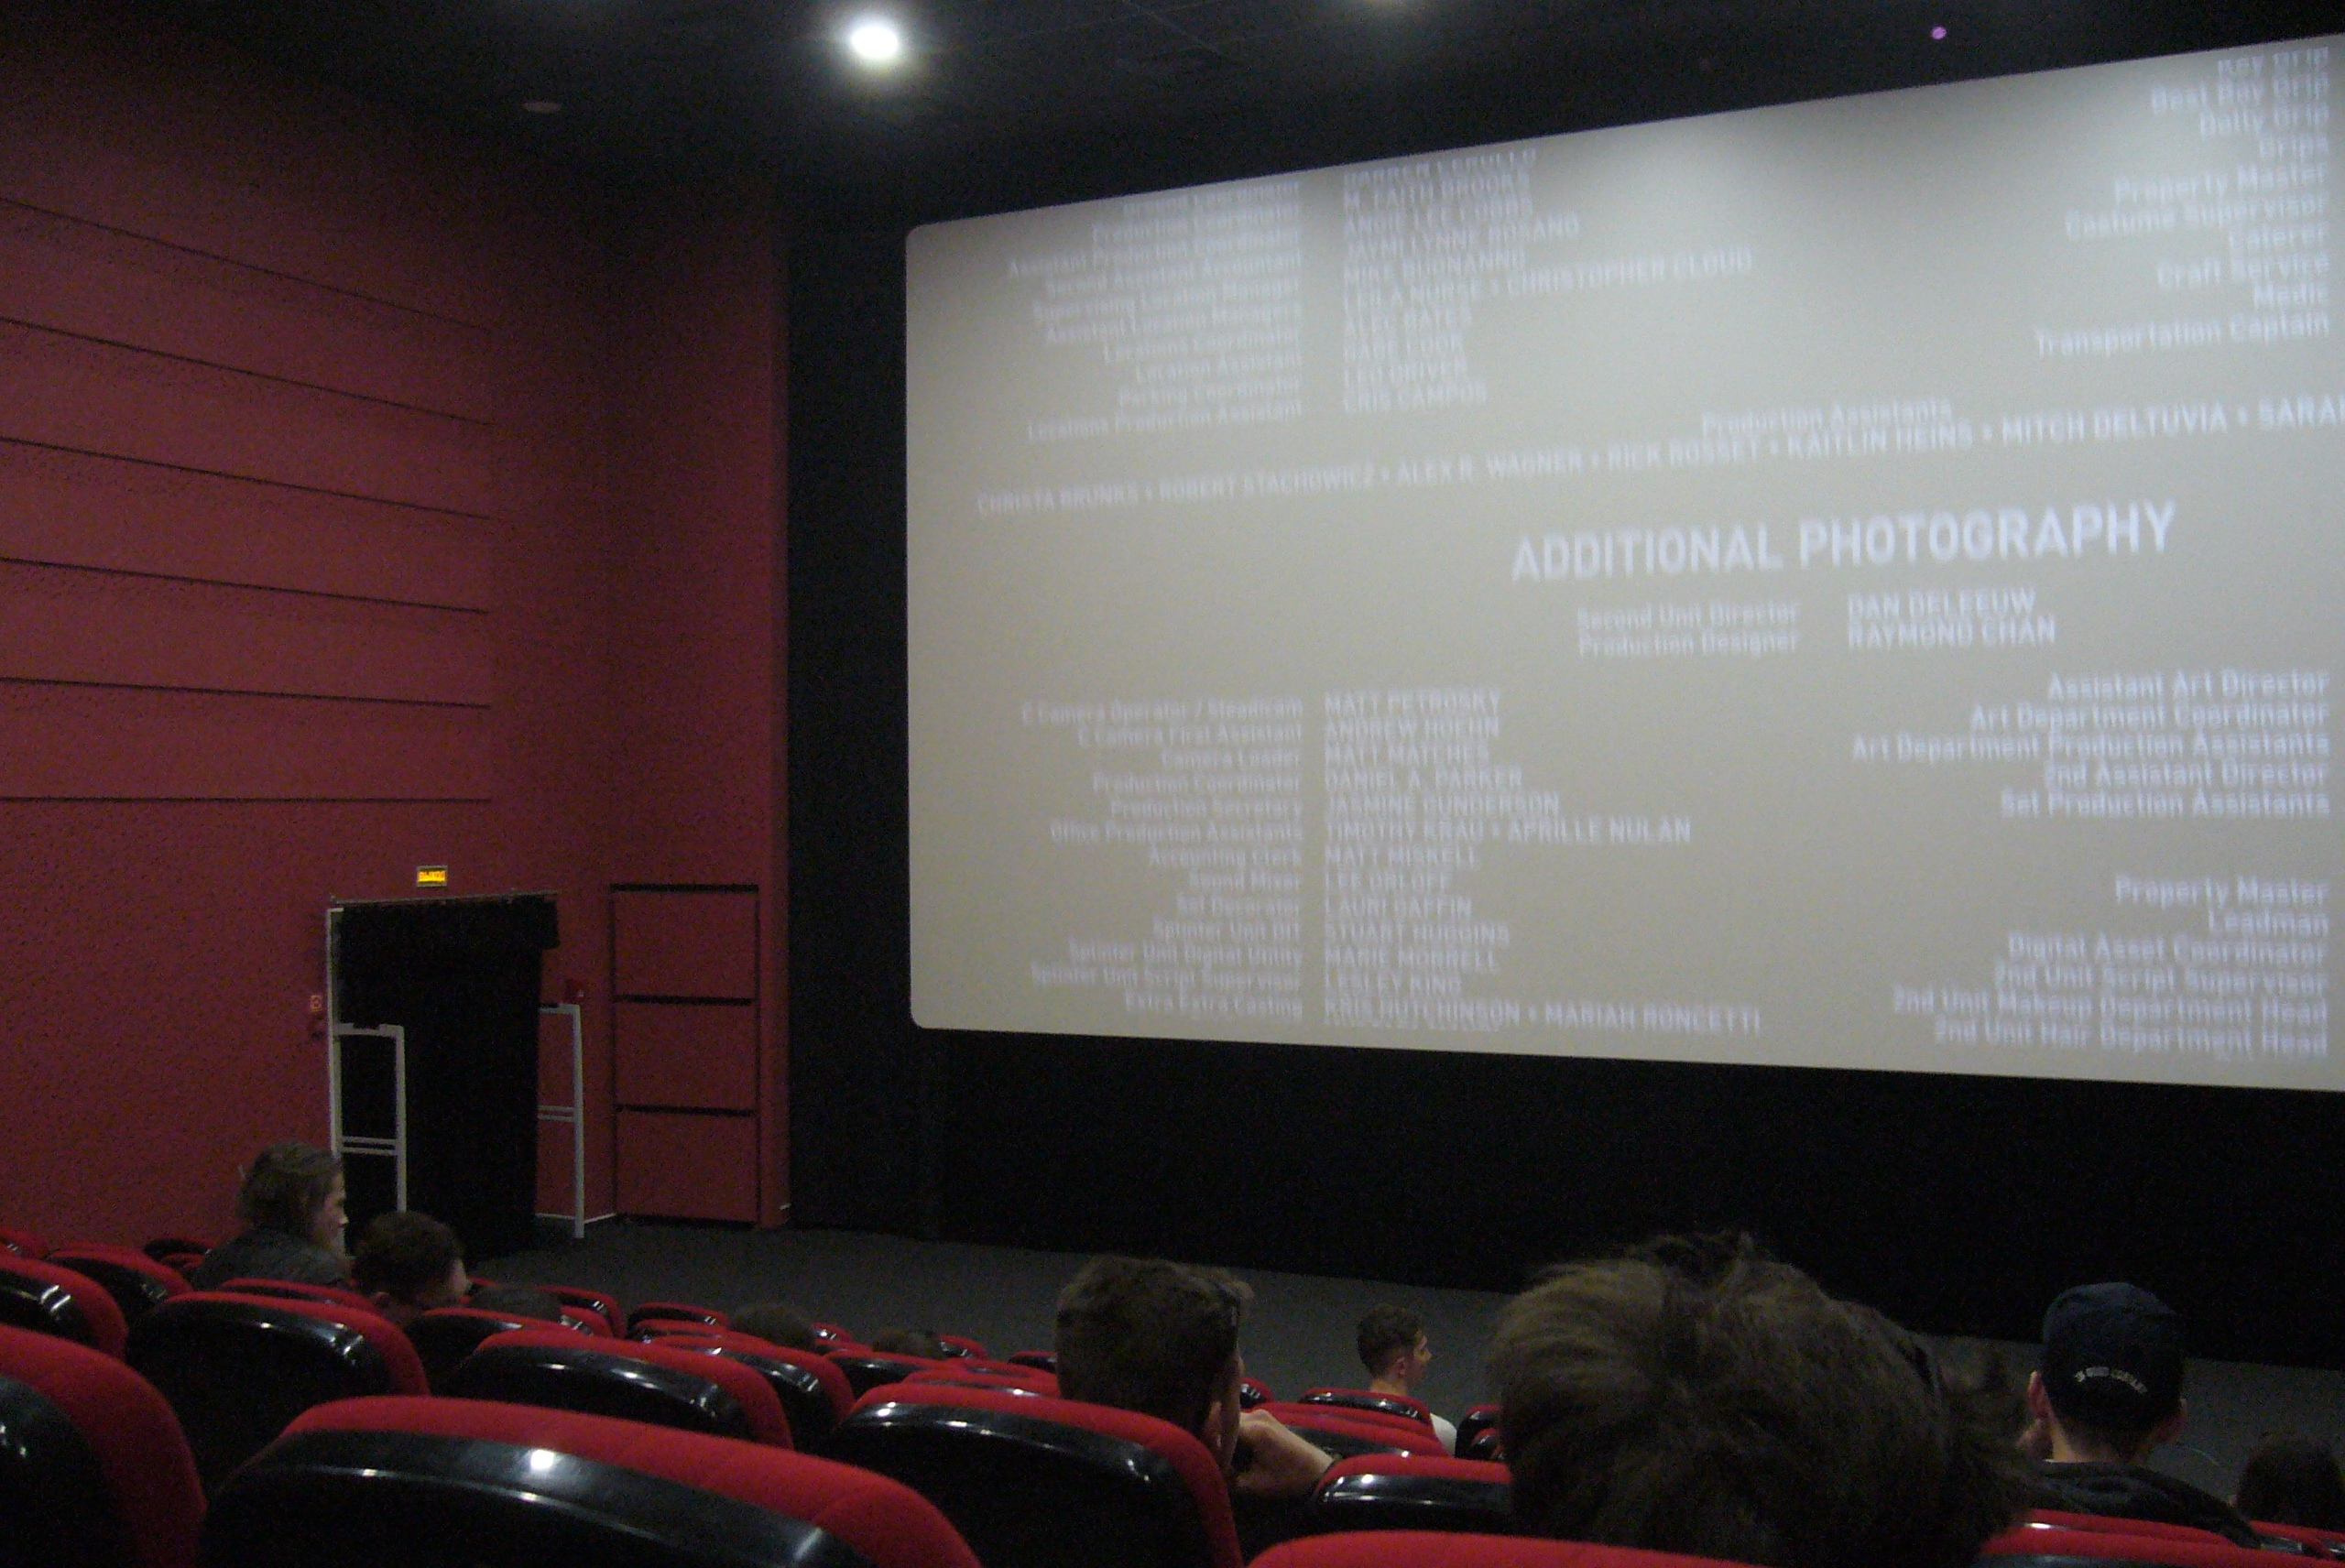 Хорошее кино - это когда зрители смотрят даже титры